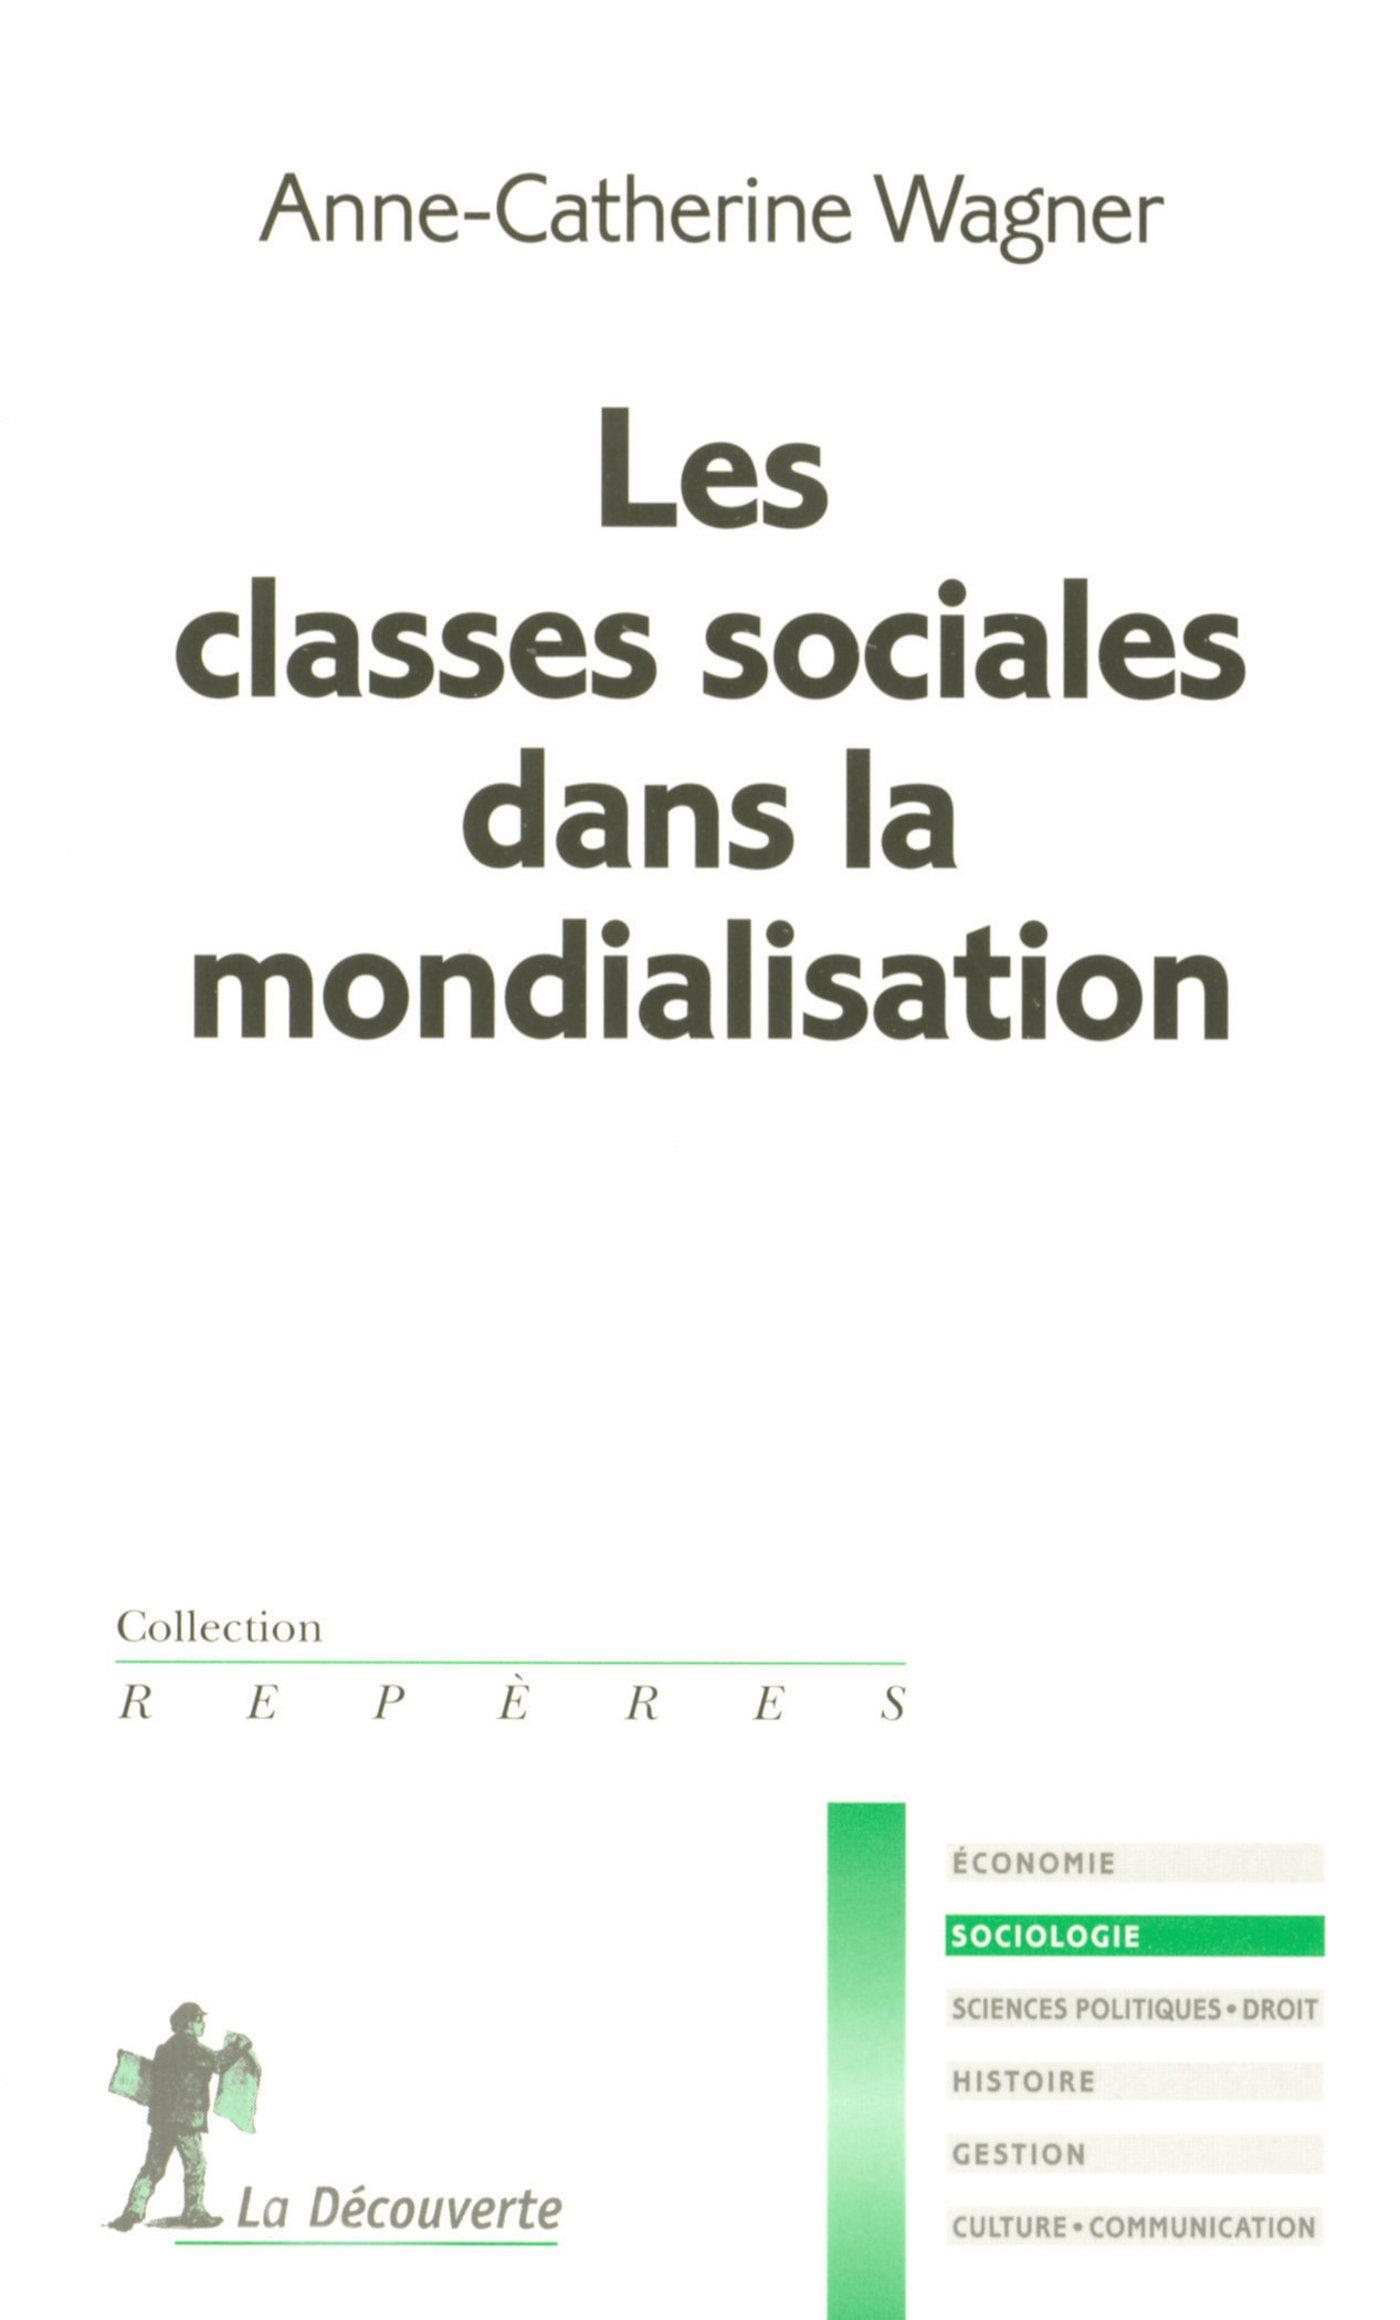 Les classes sociales dans la mondialisation